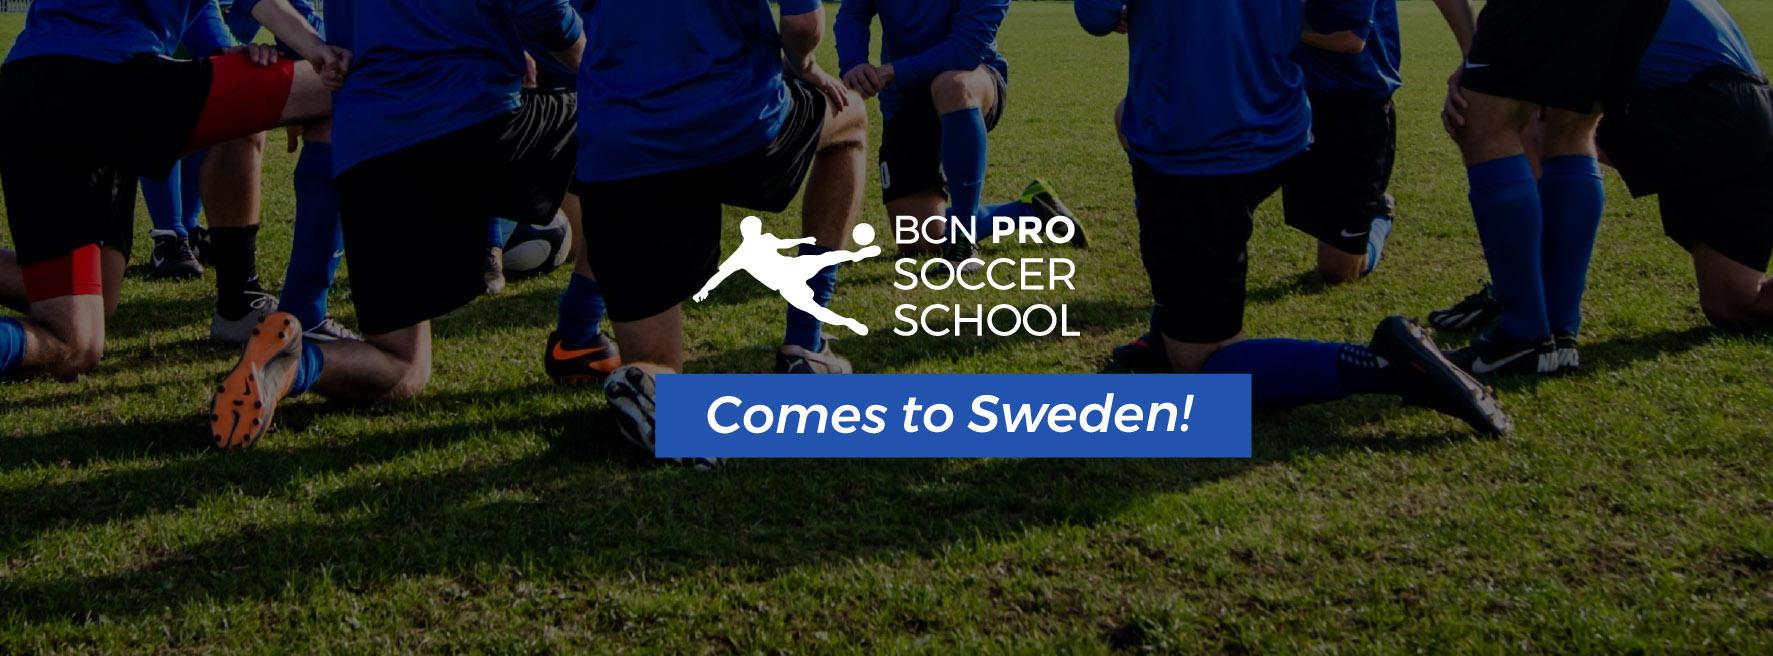 facebook-sweden-proschool